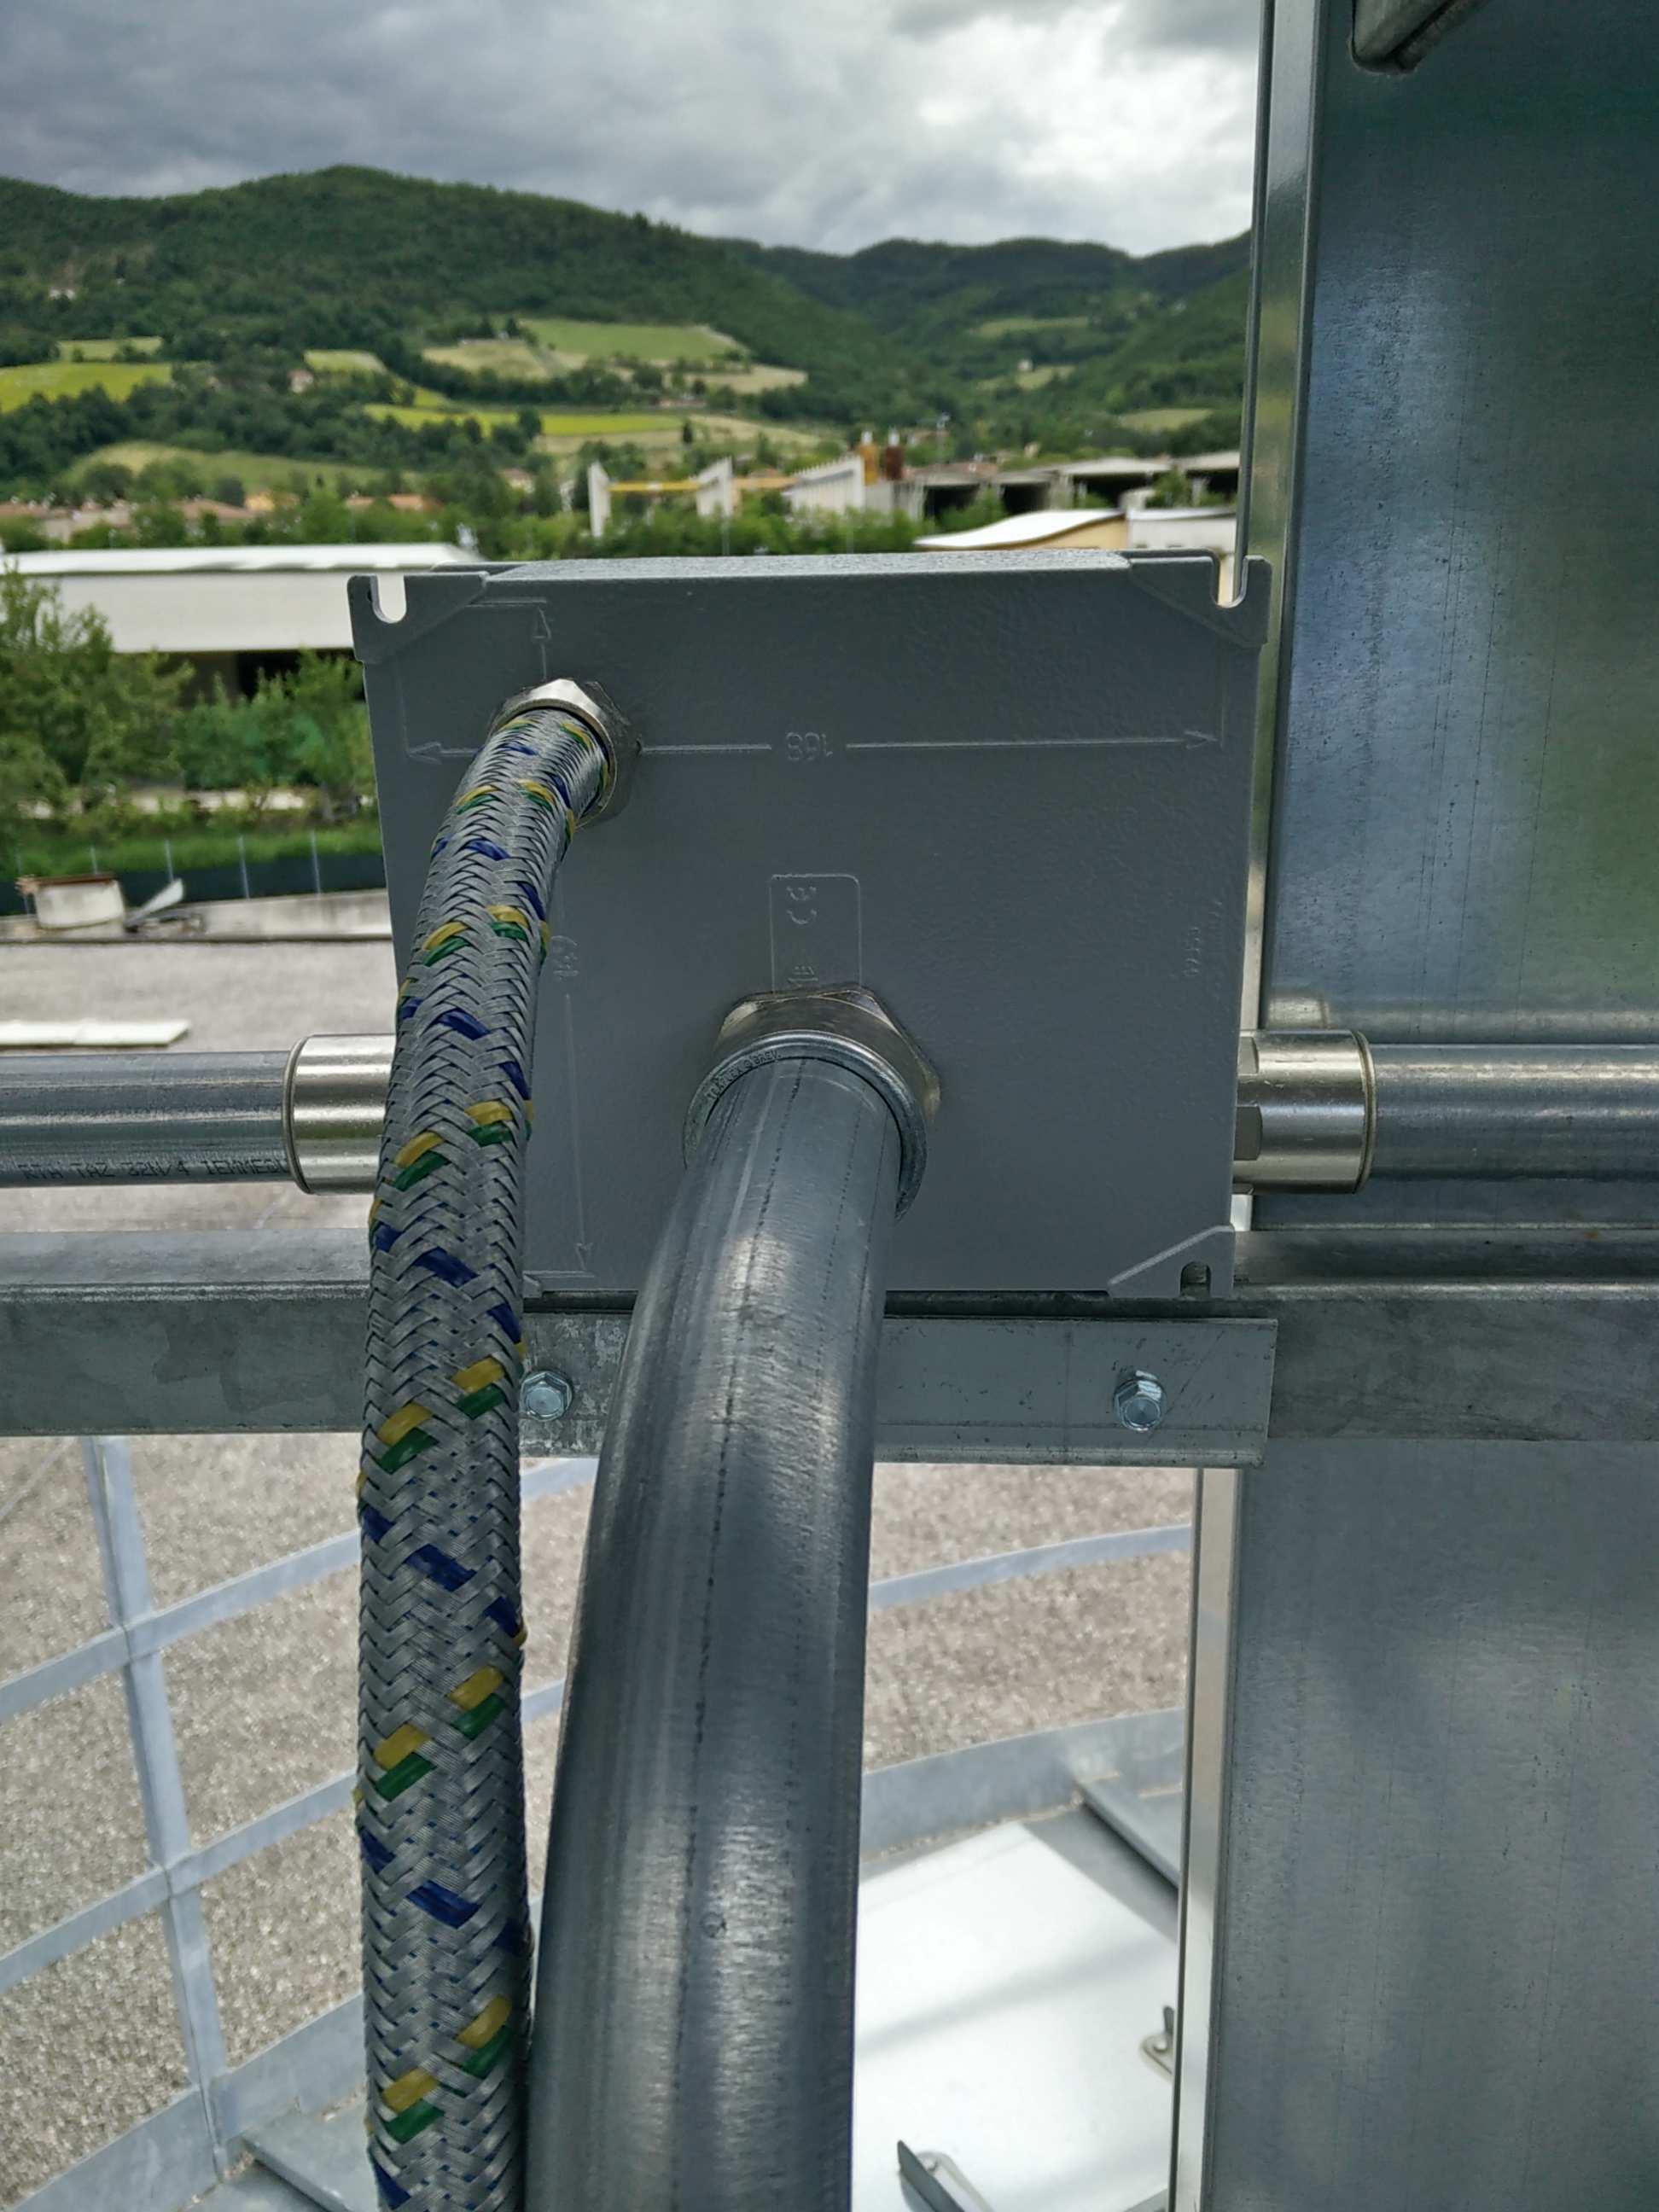 cavo per ascensore, costruzione industriale